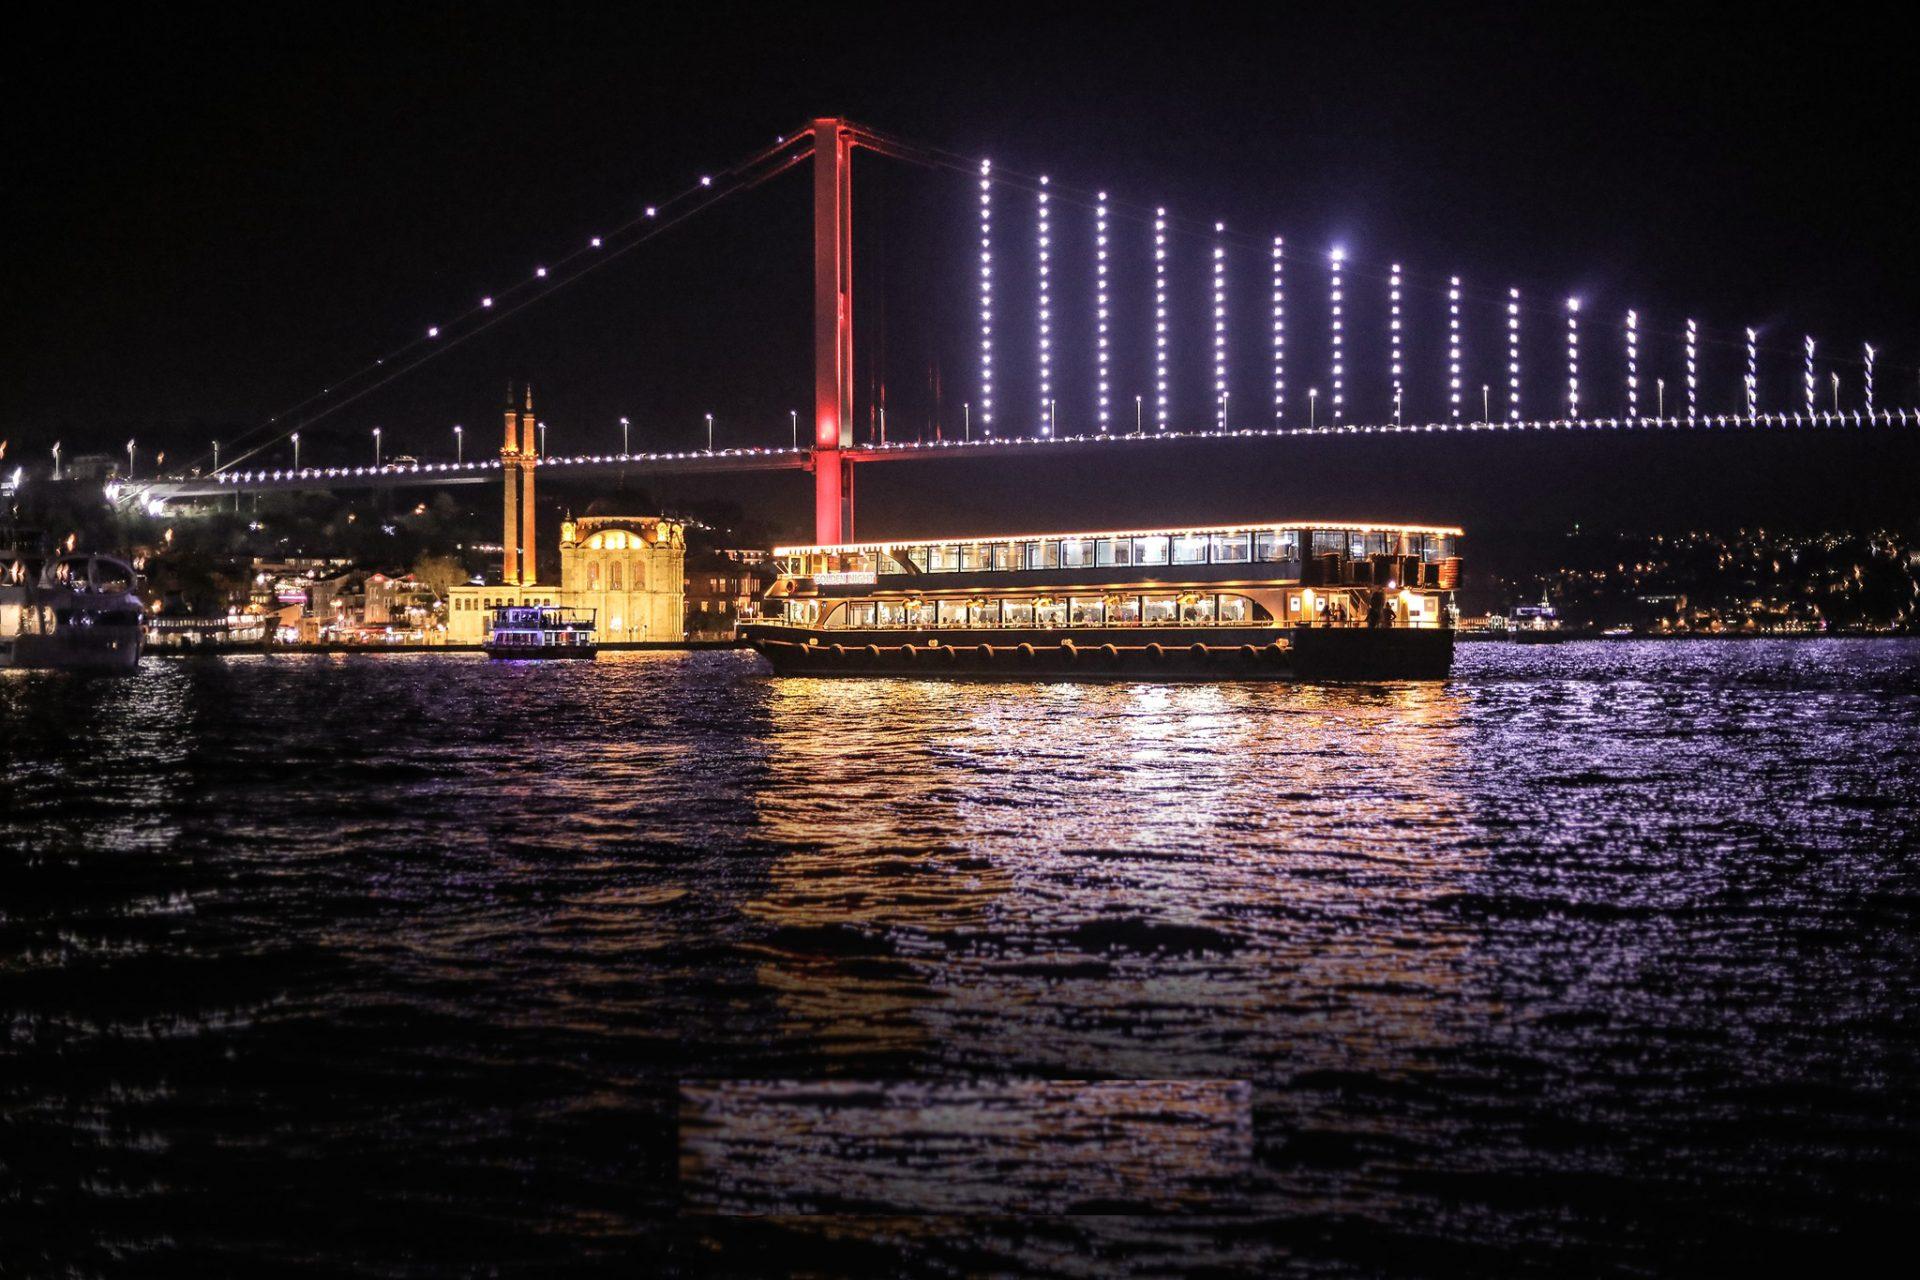 السفينة الذهبية اسطنبول